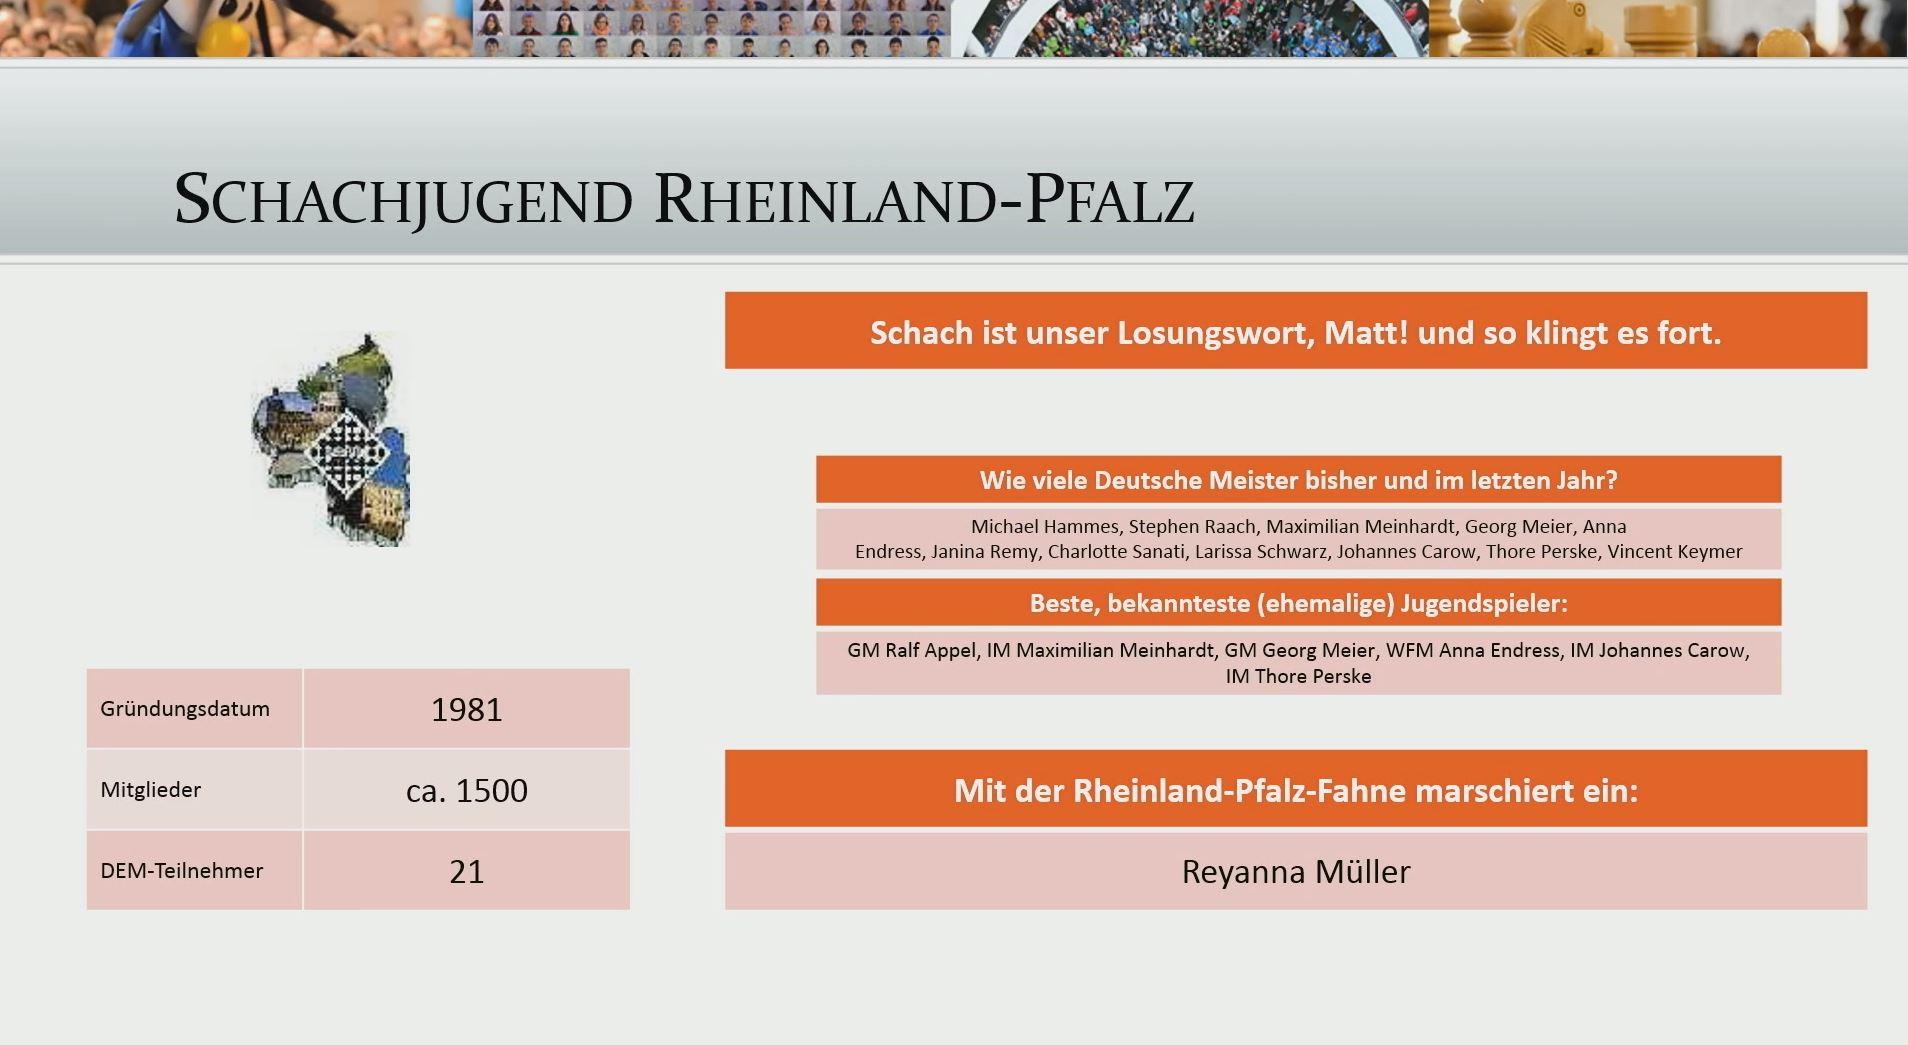 Übersicht Schachjugend Rheinland-Pfalz